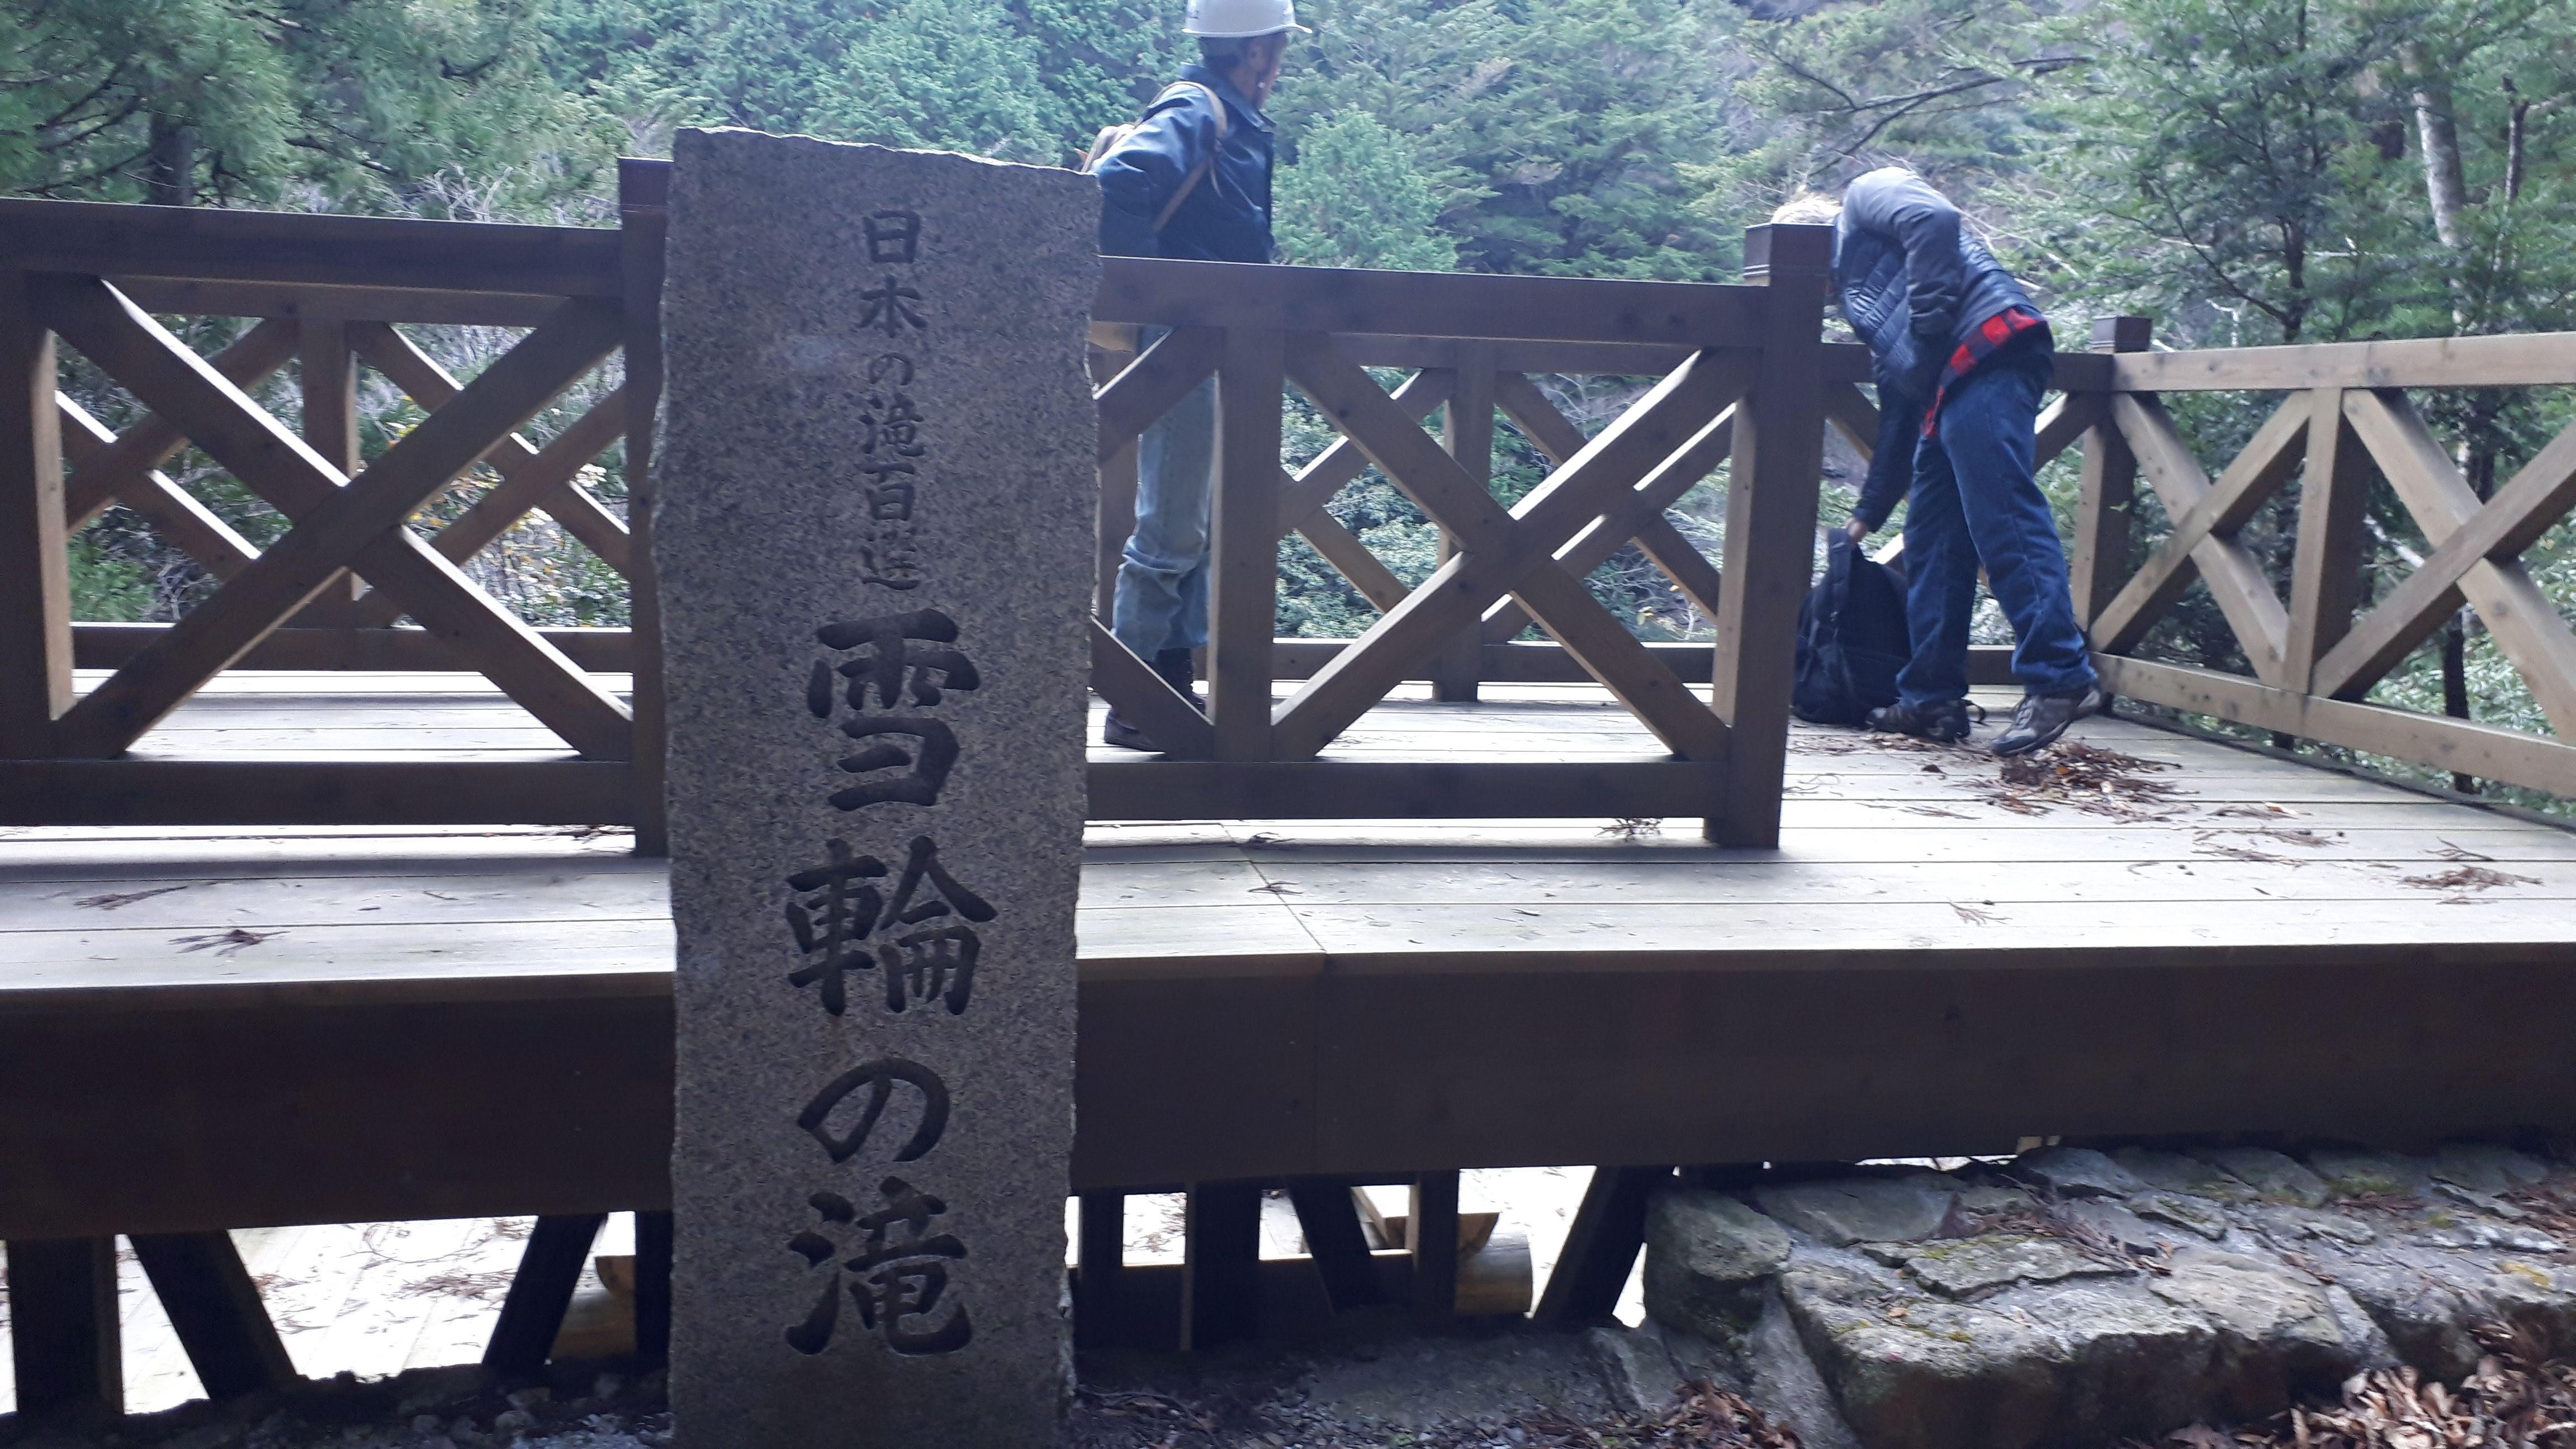 四季折々の自然が楽しめる!日本の滝100選の名瀑「雪輪の滝」に行ってきたよ!